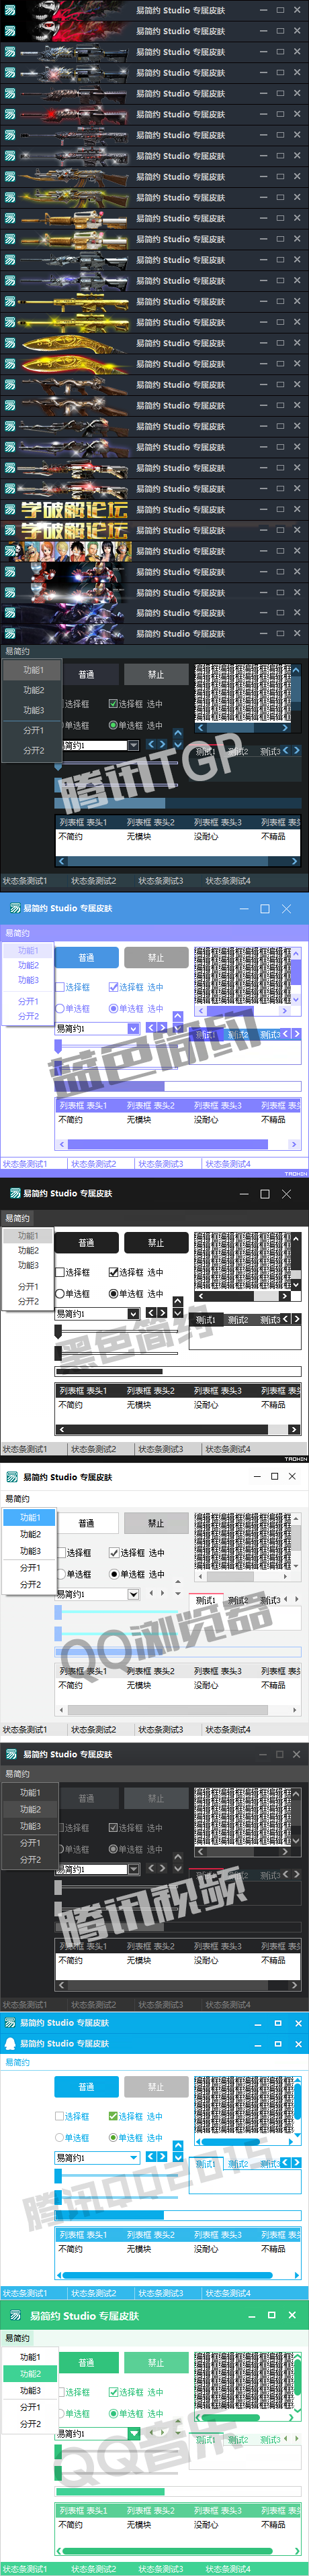 易简约皮肤模块1.4 5新增QQ音乐皮肤